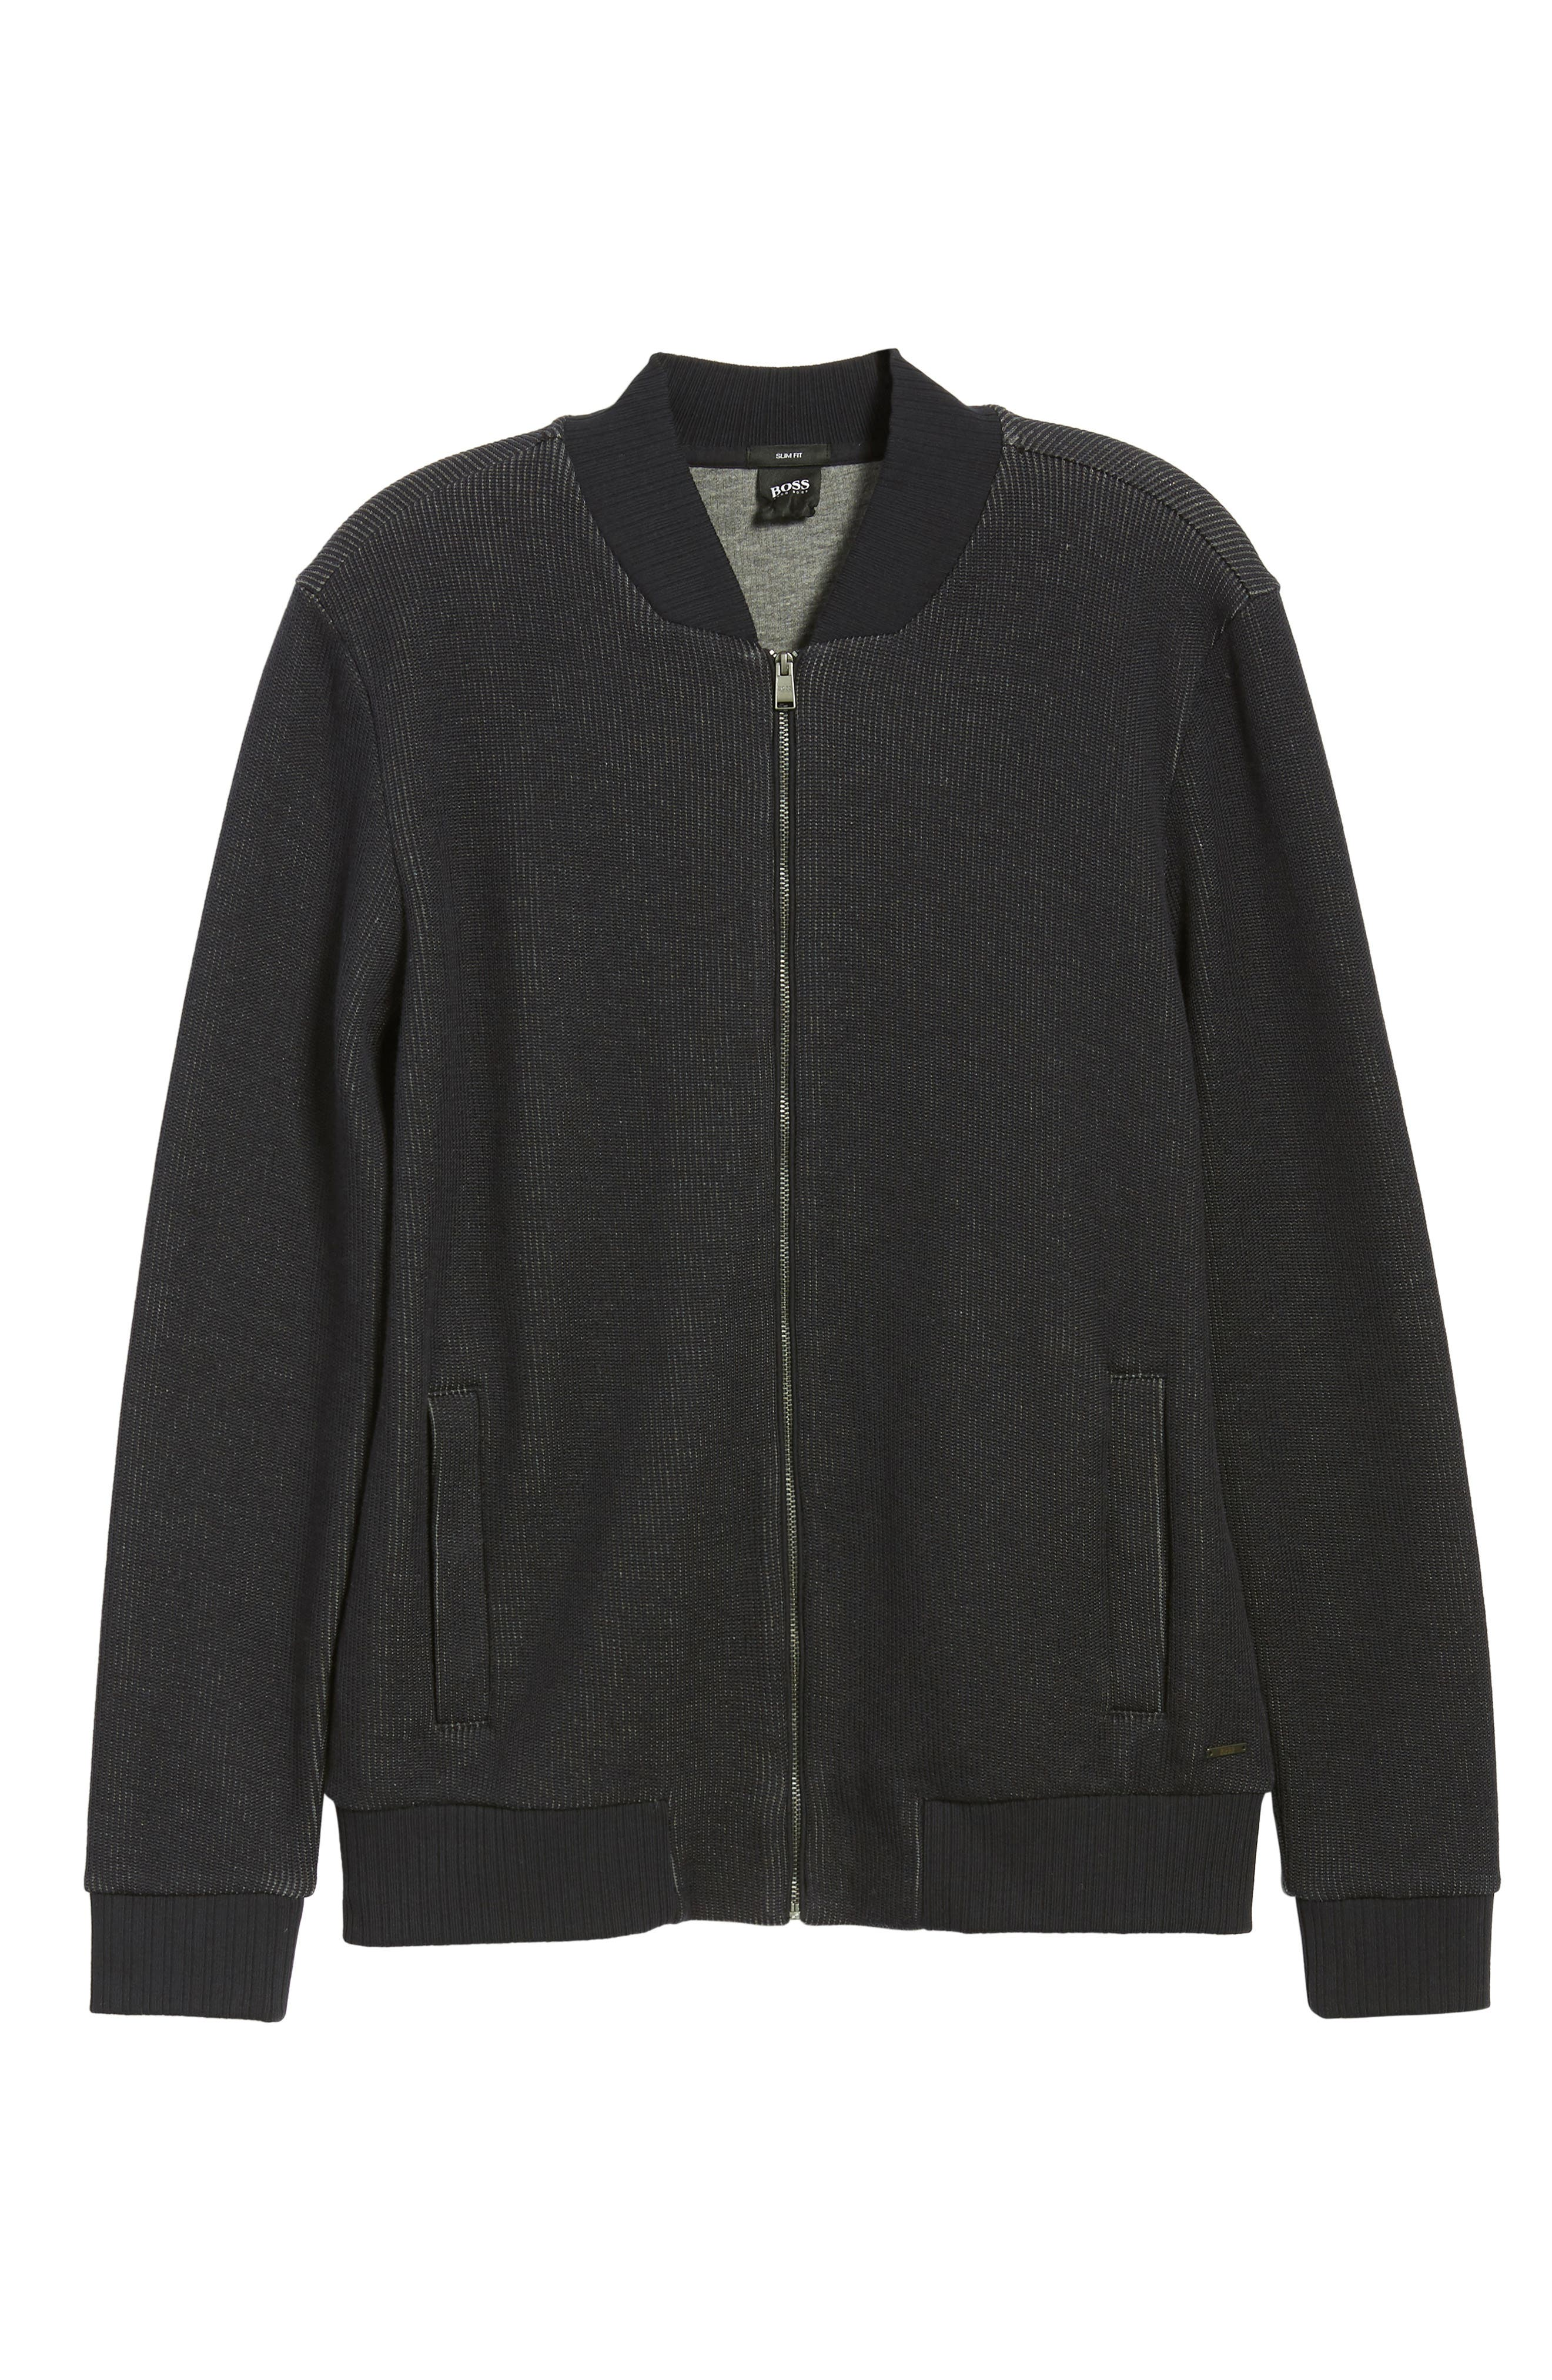 BOSS, Salea Slim Fit Sweatshirt Jacket, Alternate thumbnail 7, color, BLUE